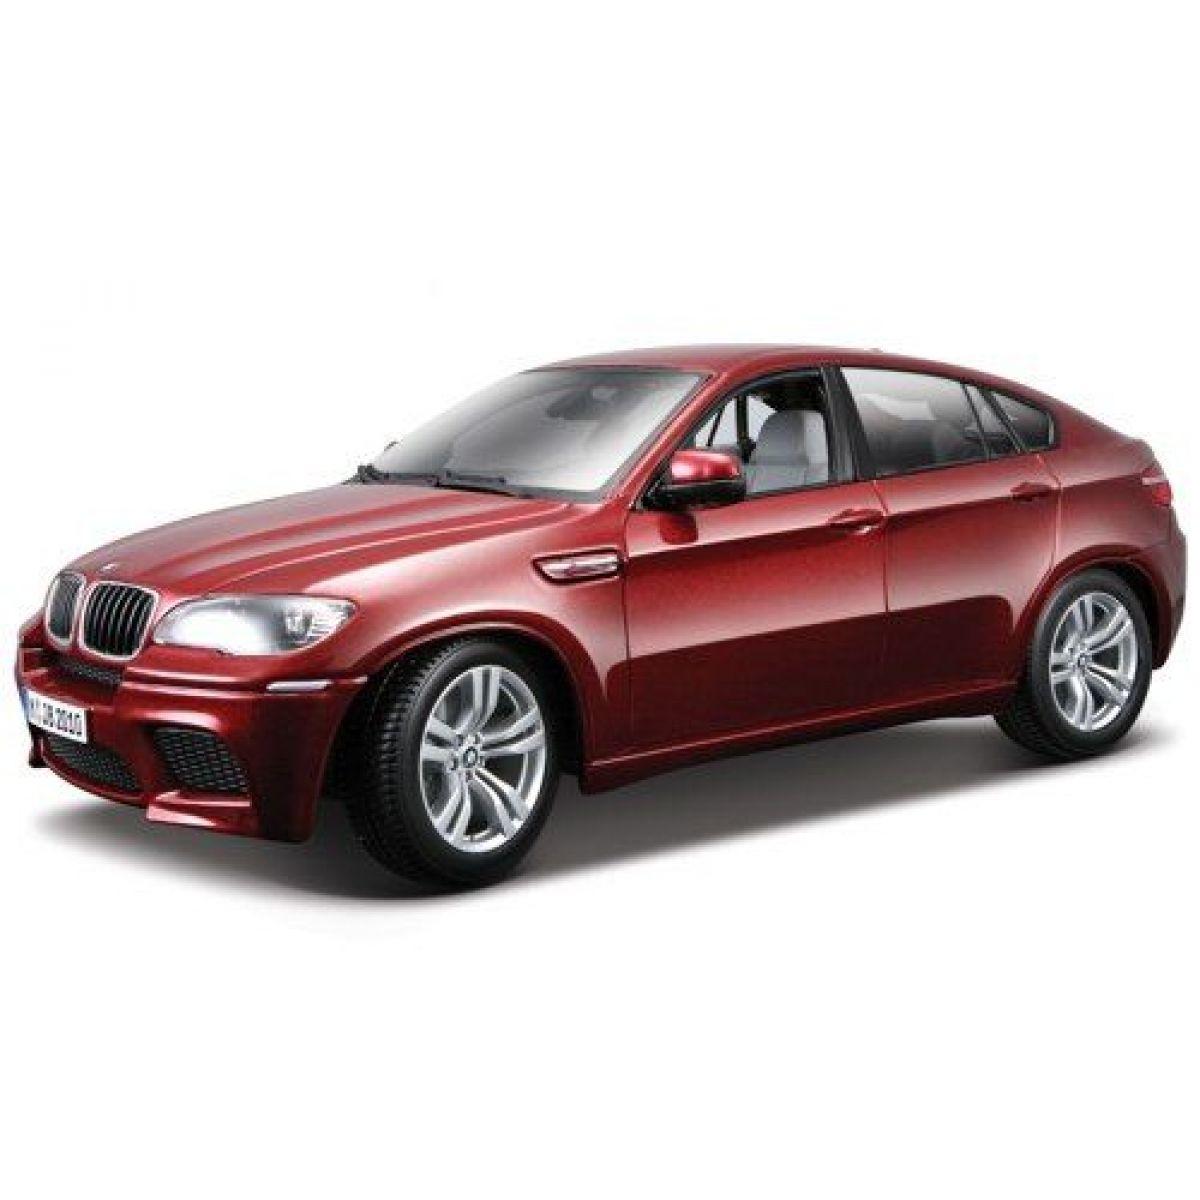 BMW X6 M Bburago 1:18